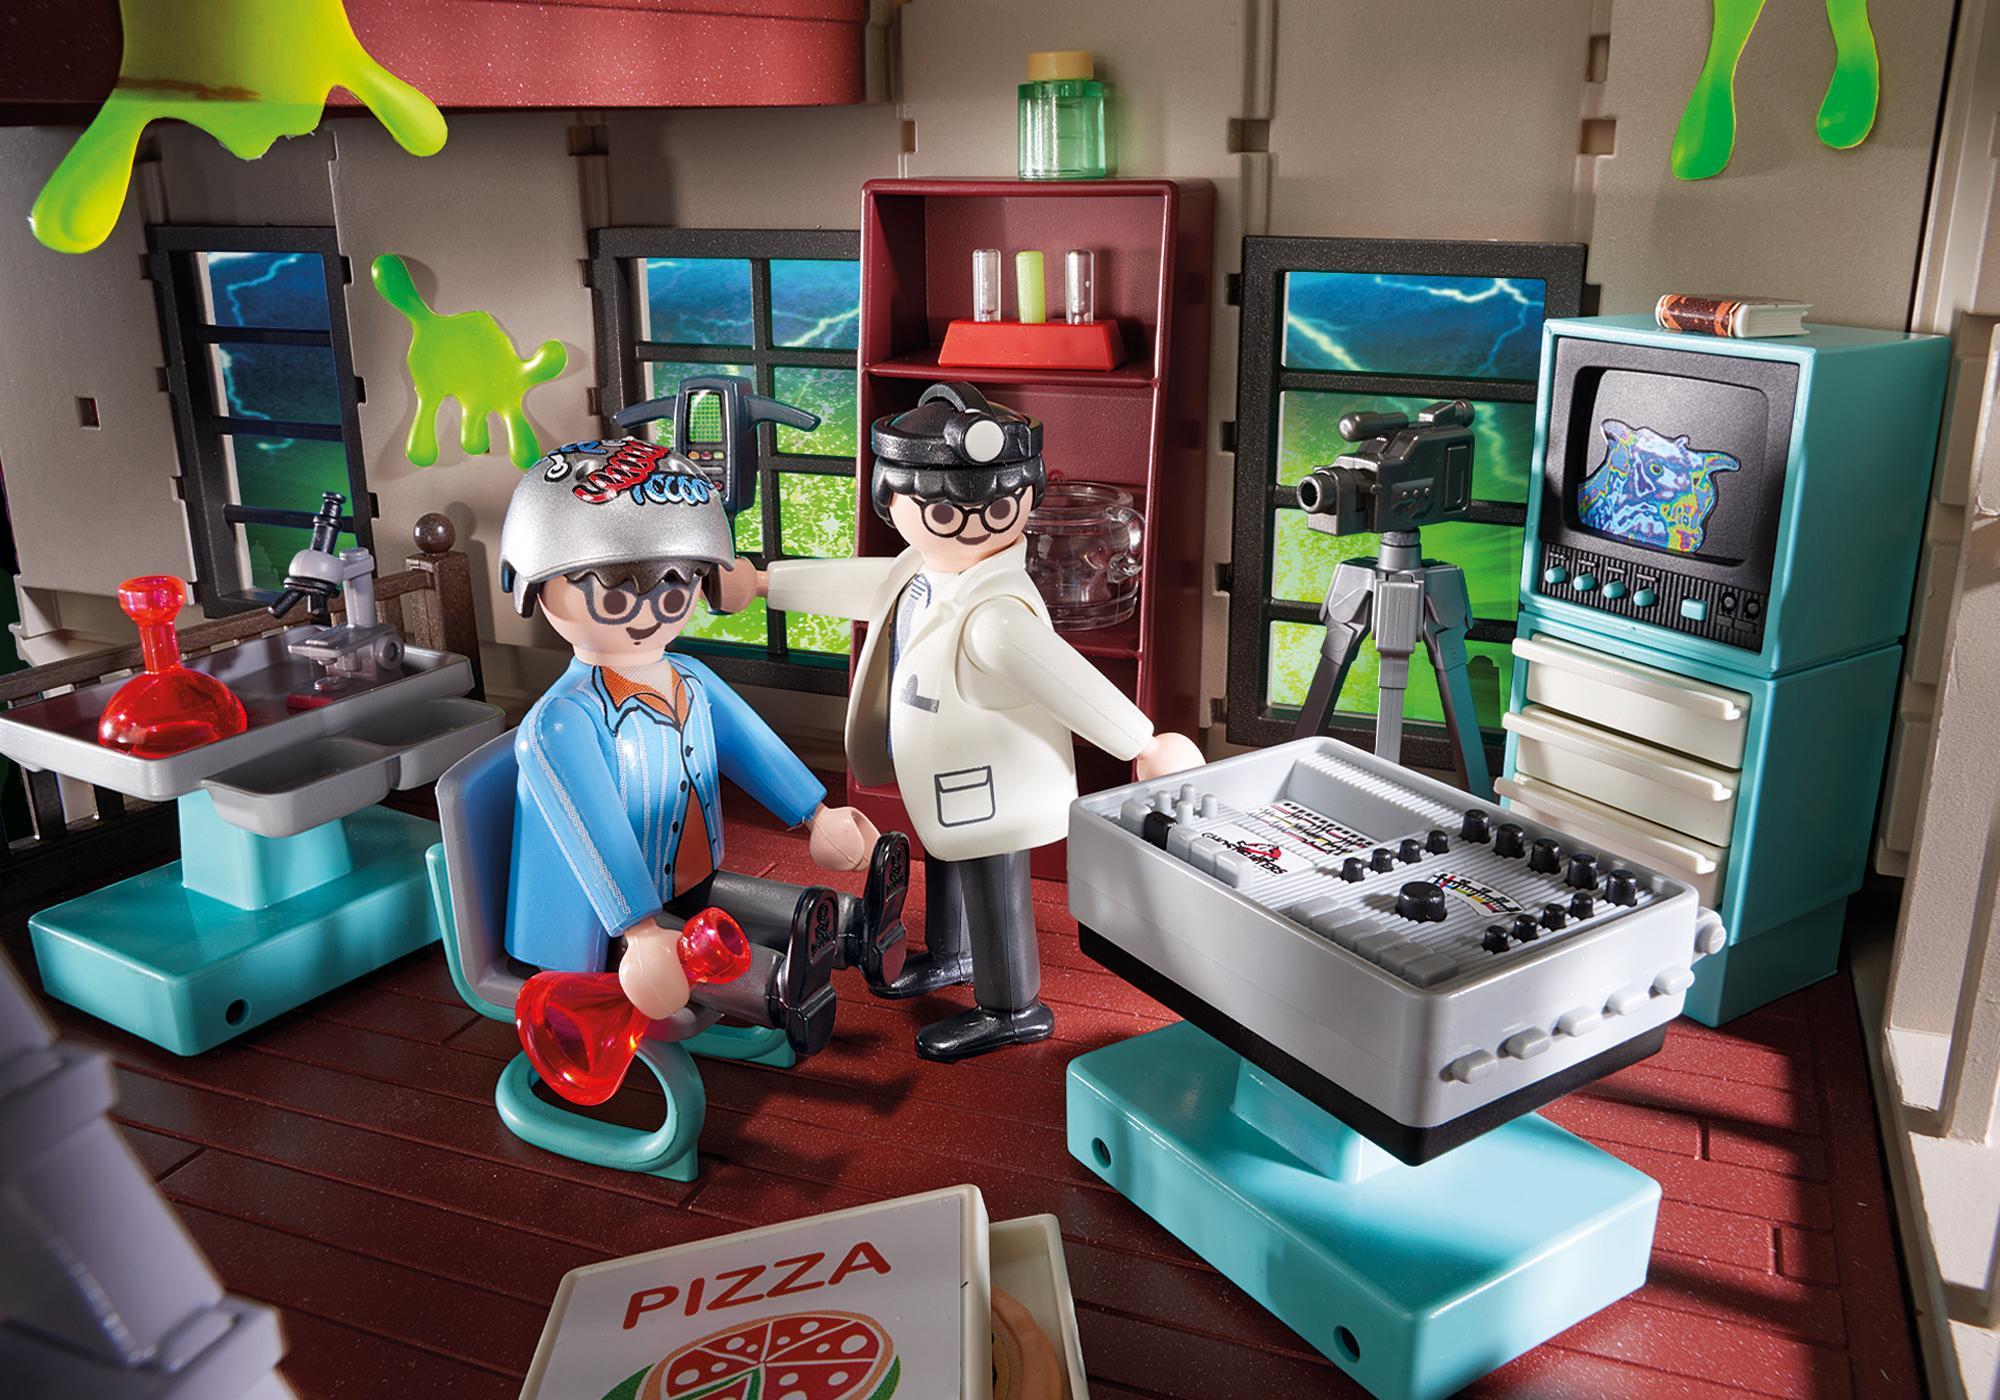 http://media.playmobil.com/i/playmobil/9219_product_extra1/Quartier Général Ghostbusters